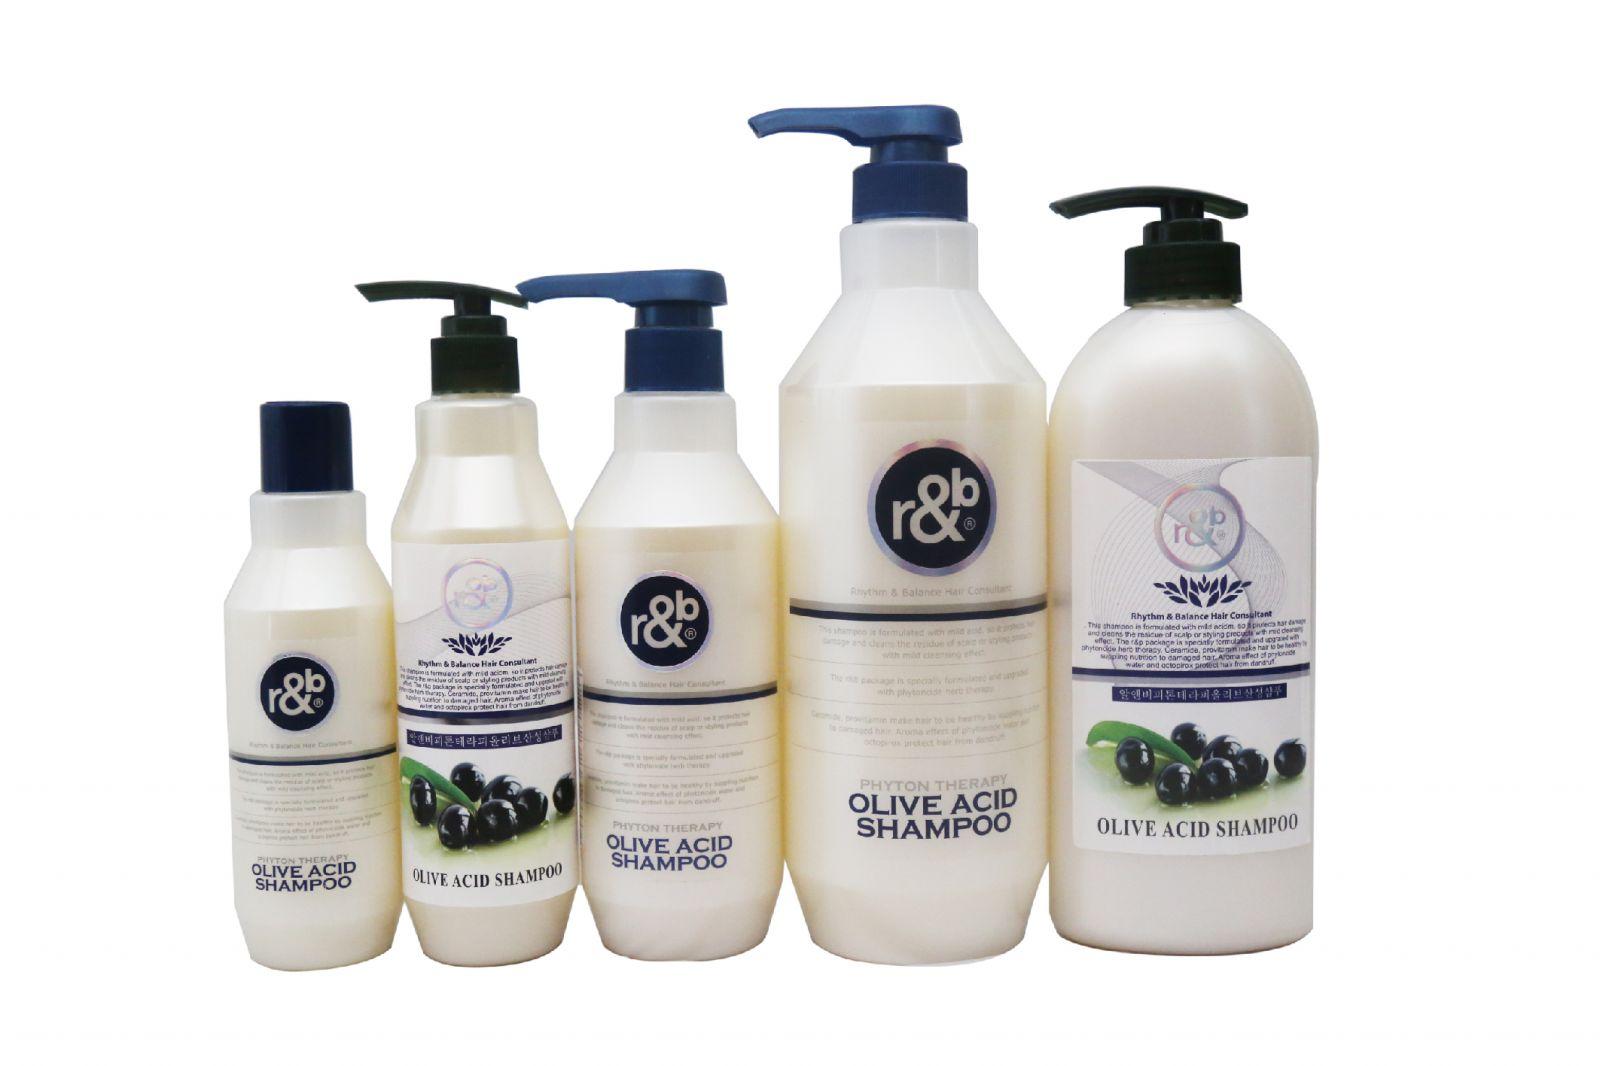 dầu gội dưỡng tóc olive